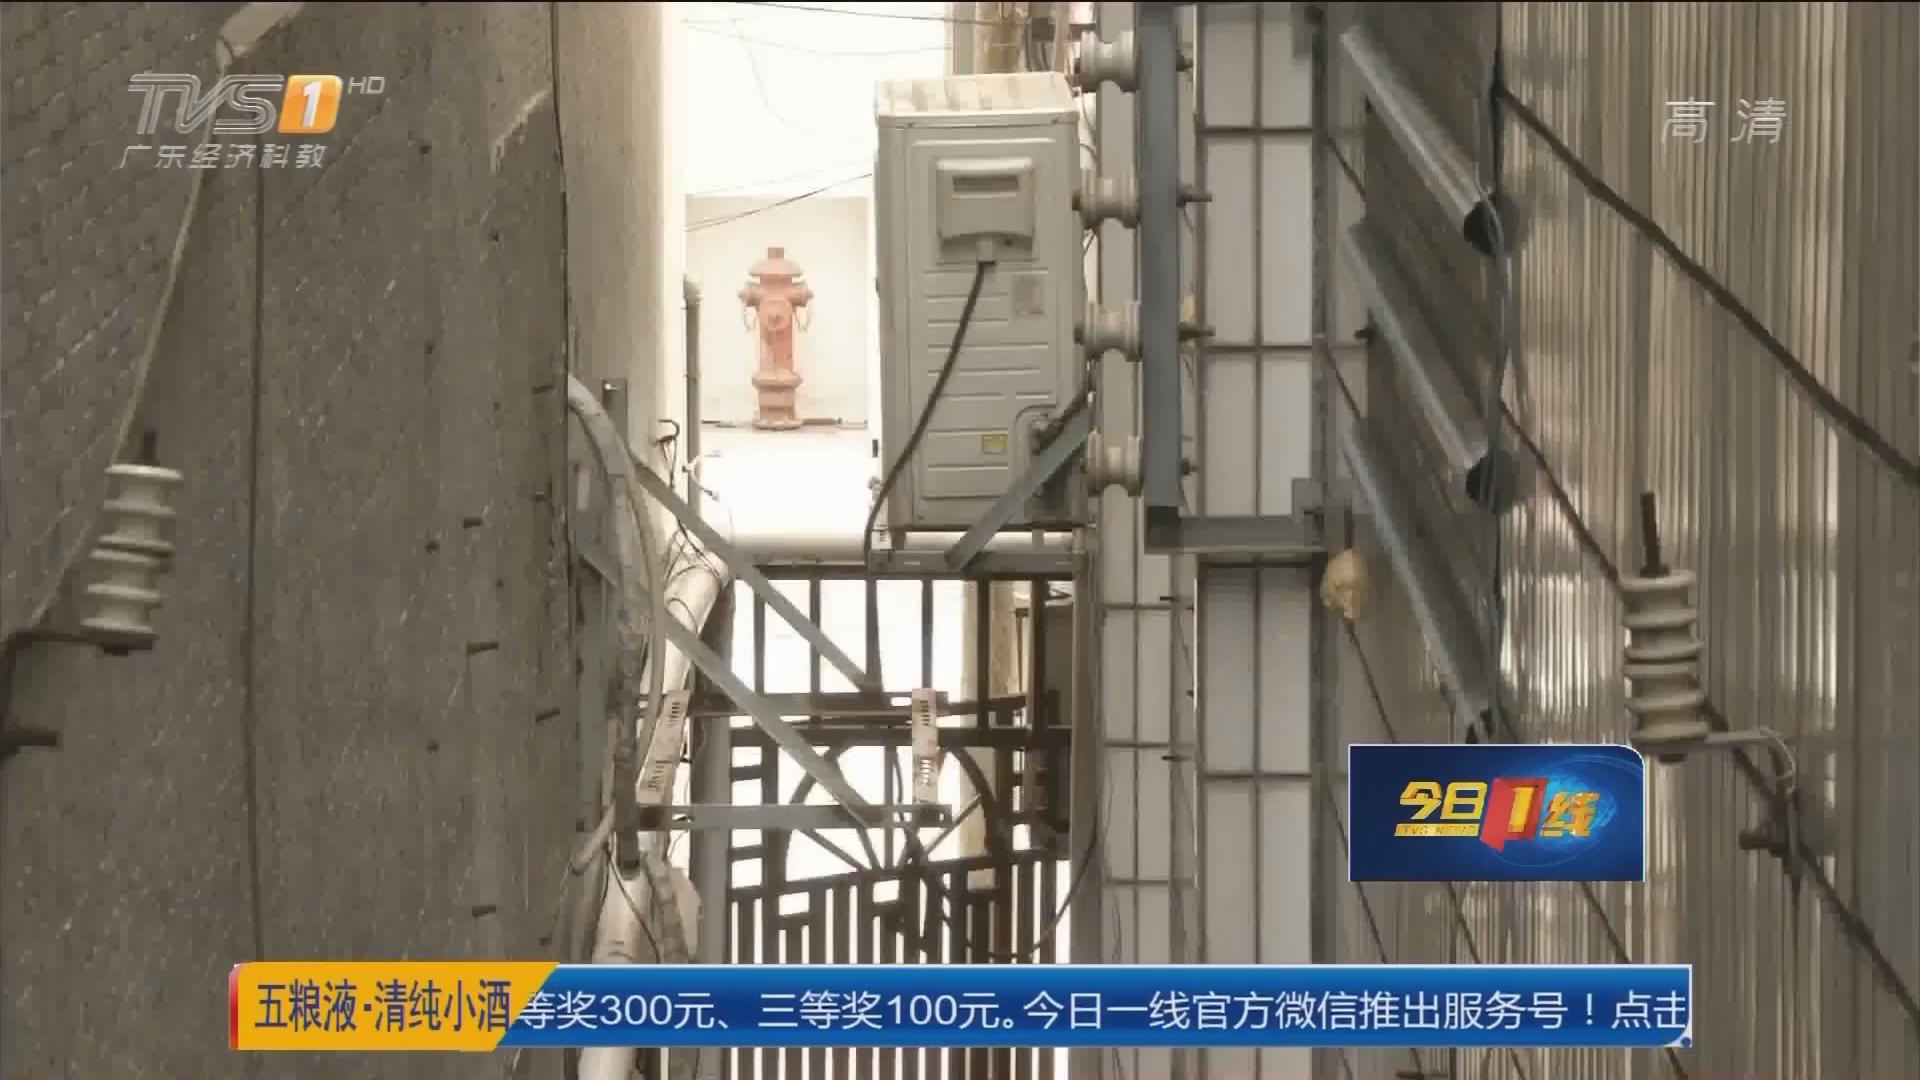 中山古镇:空调只吹风 原来主机被偷